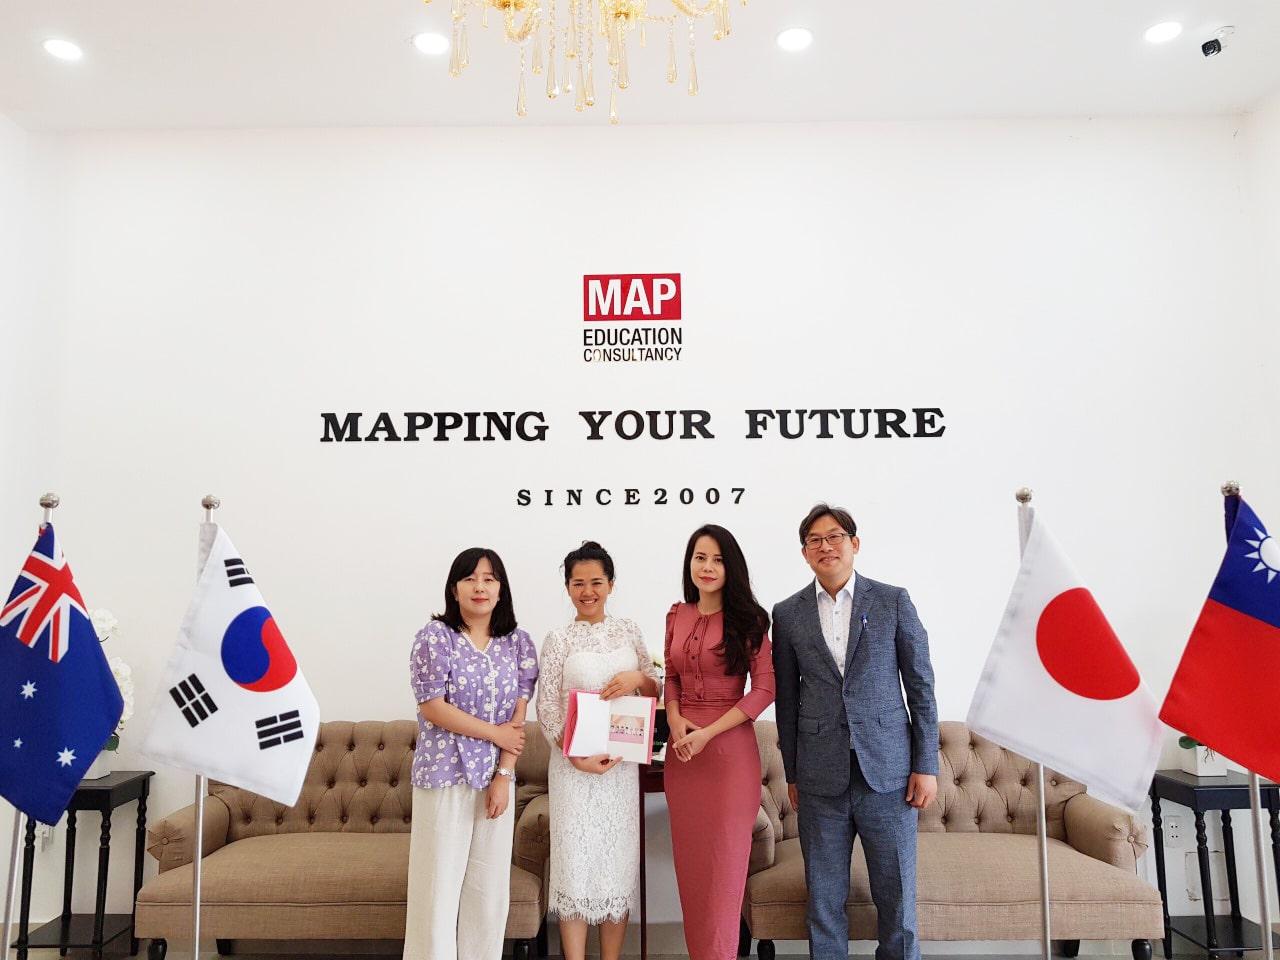 Phỏng Vấn Trực Tiếp Đại Học ChungAng Tại MAP 12.7.2019